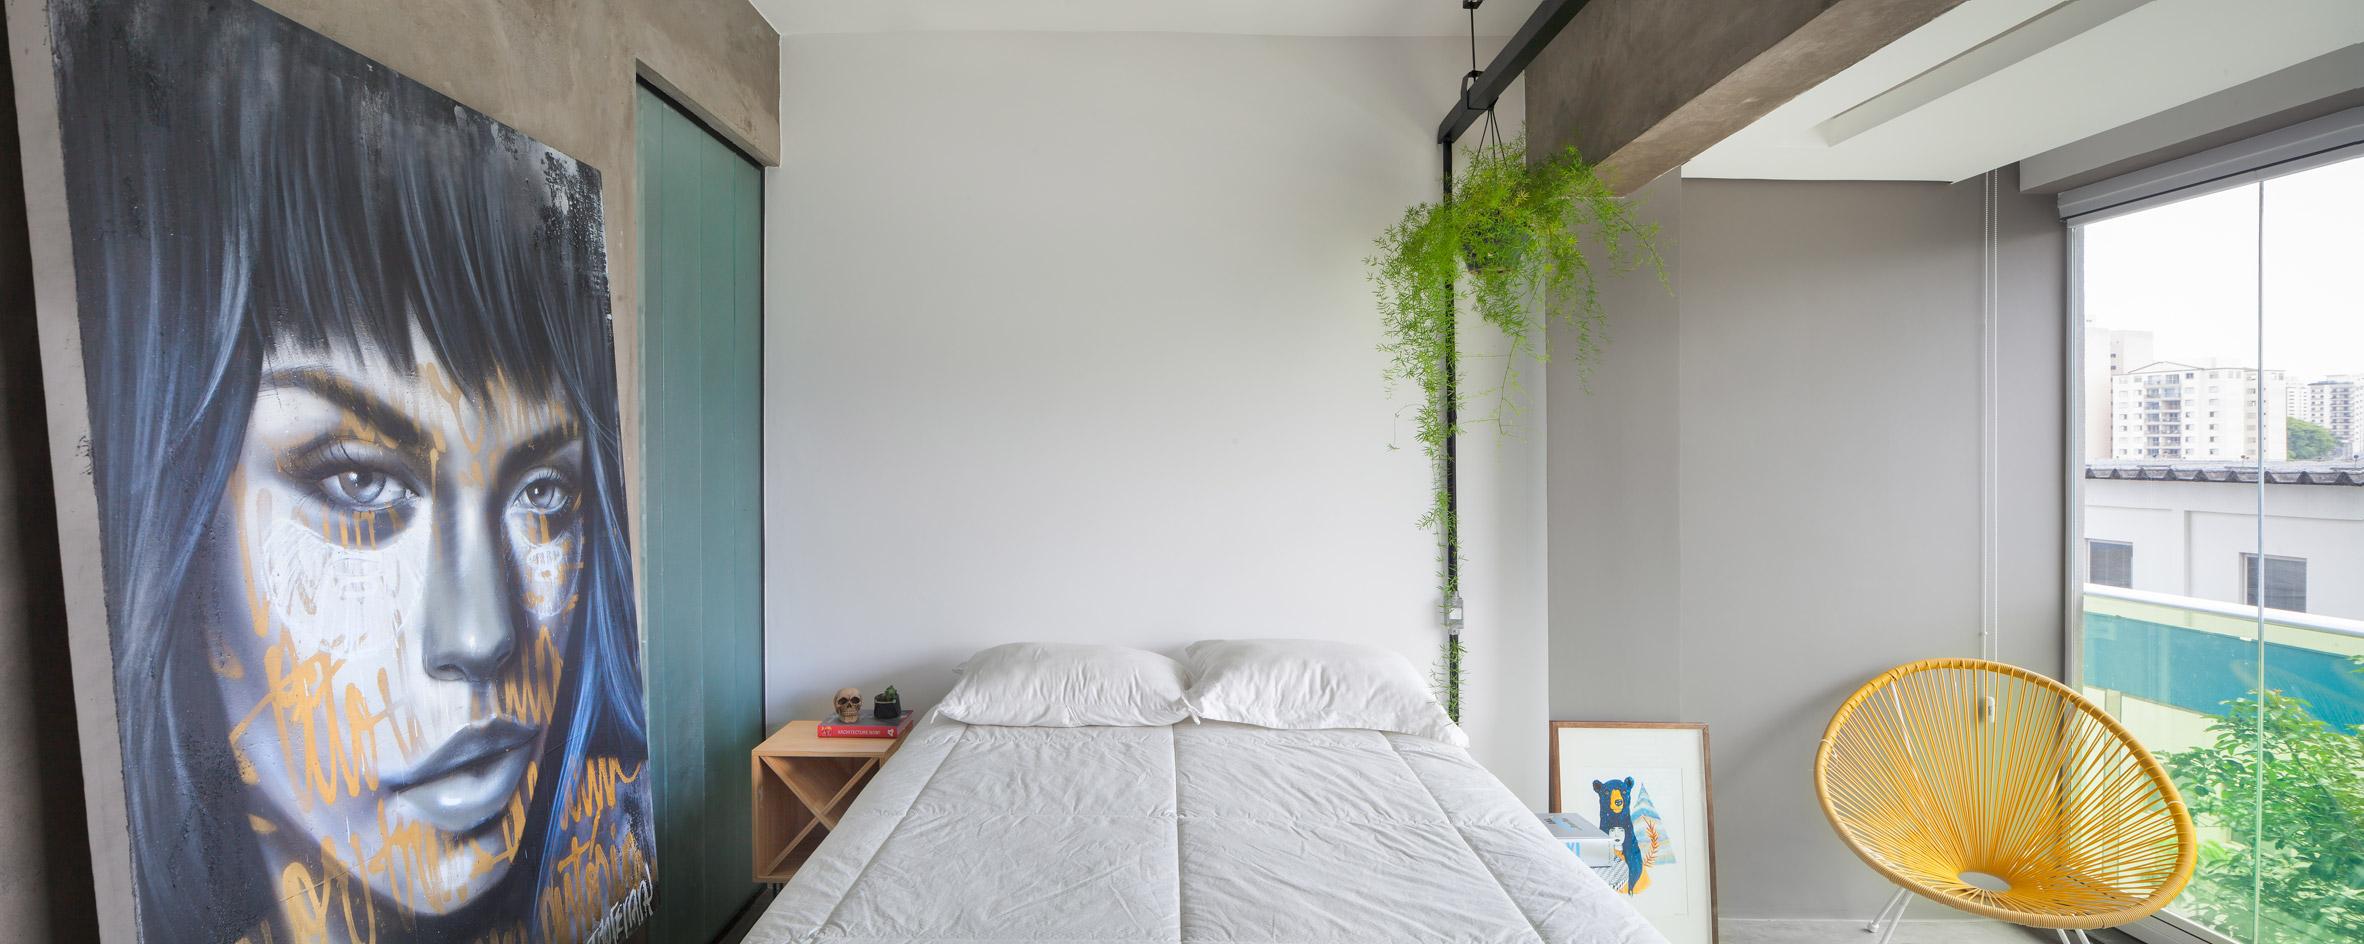 Thiết kế nội thất chung cư diện tích nhỏ 5